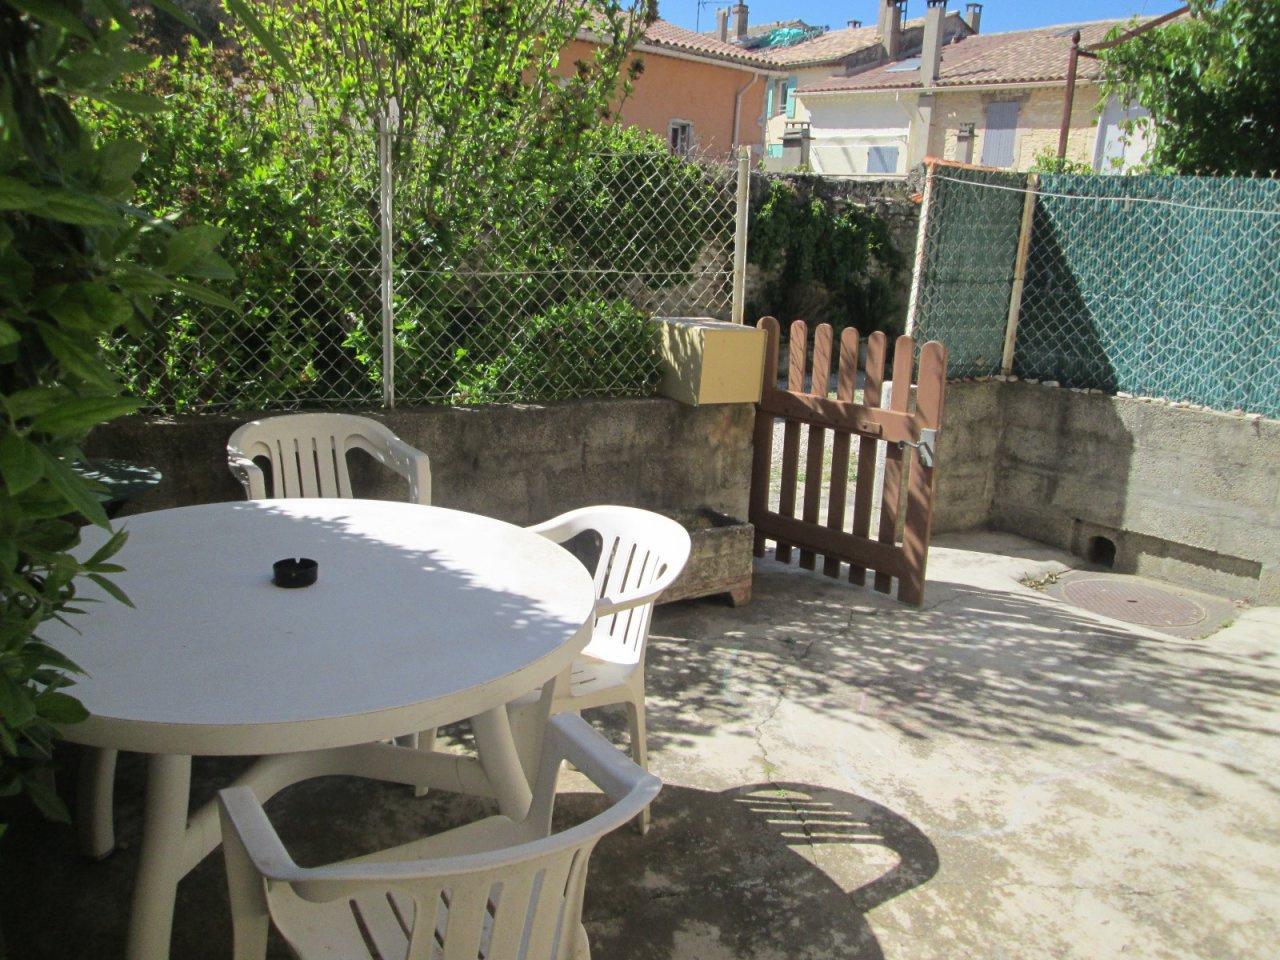 Location maison de village avec jardin - Location maison avec jardin ...